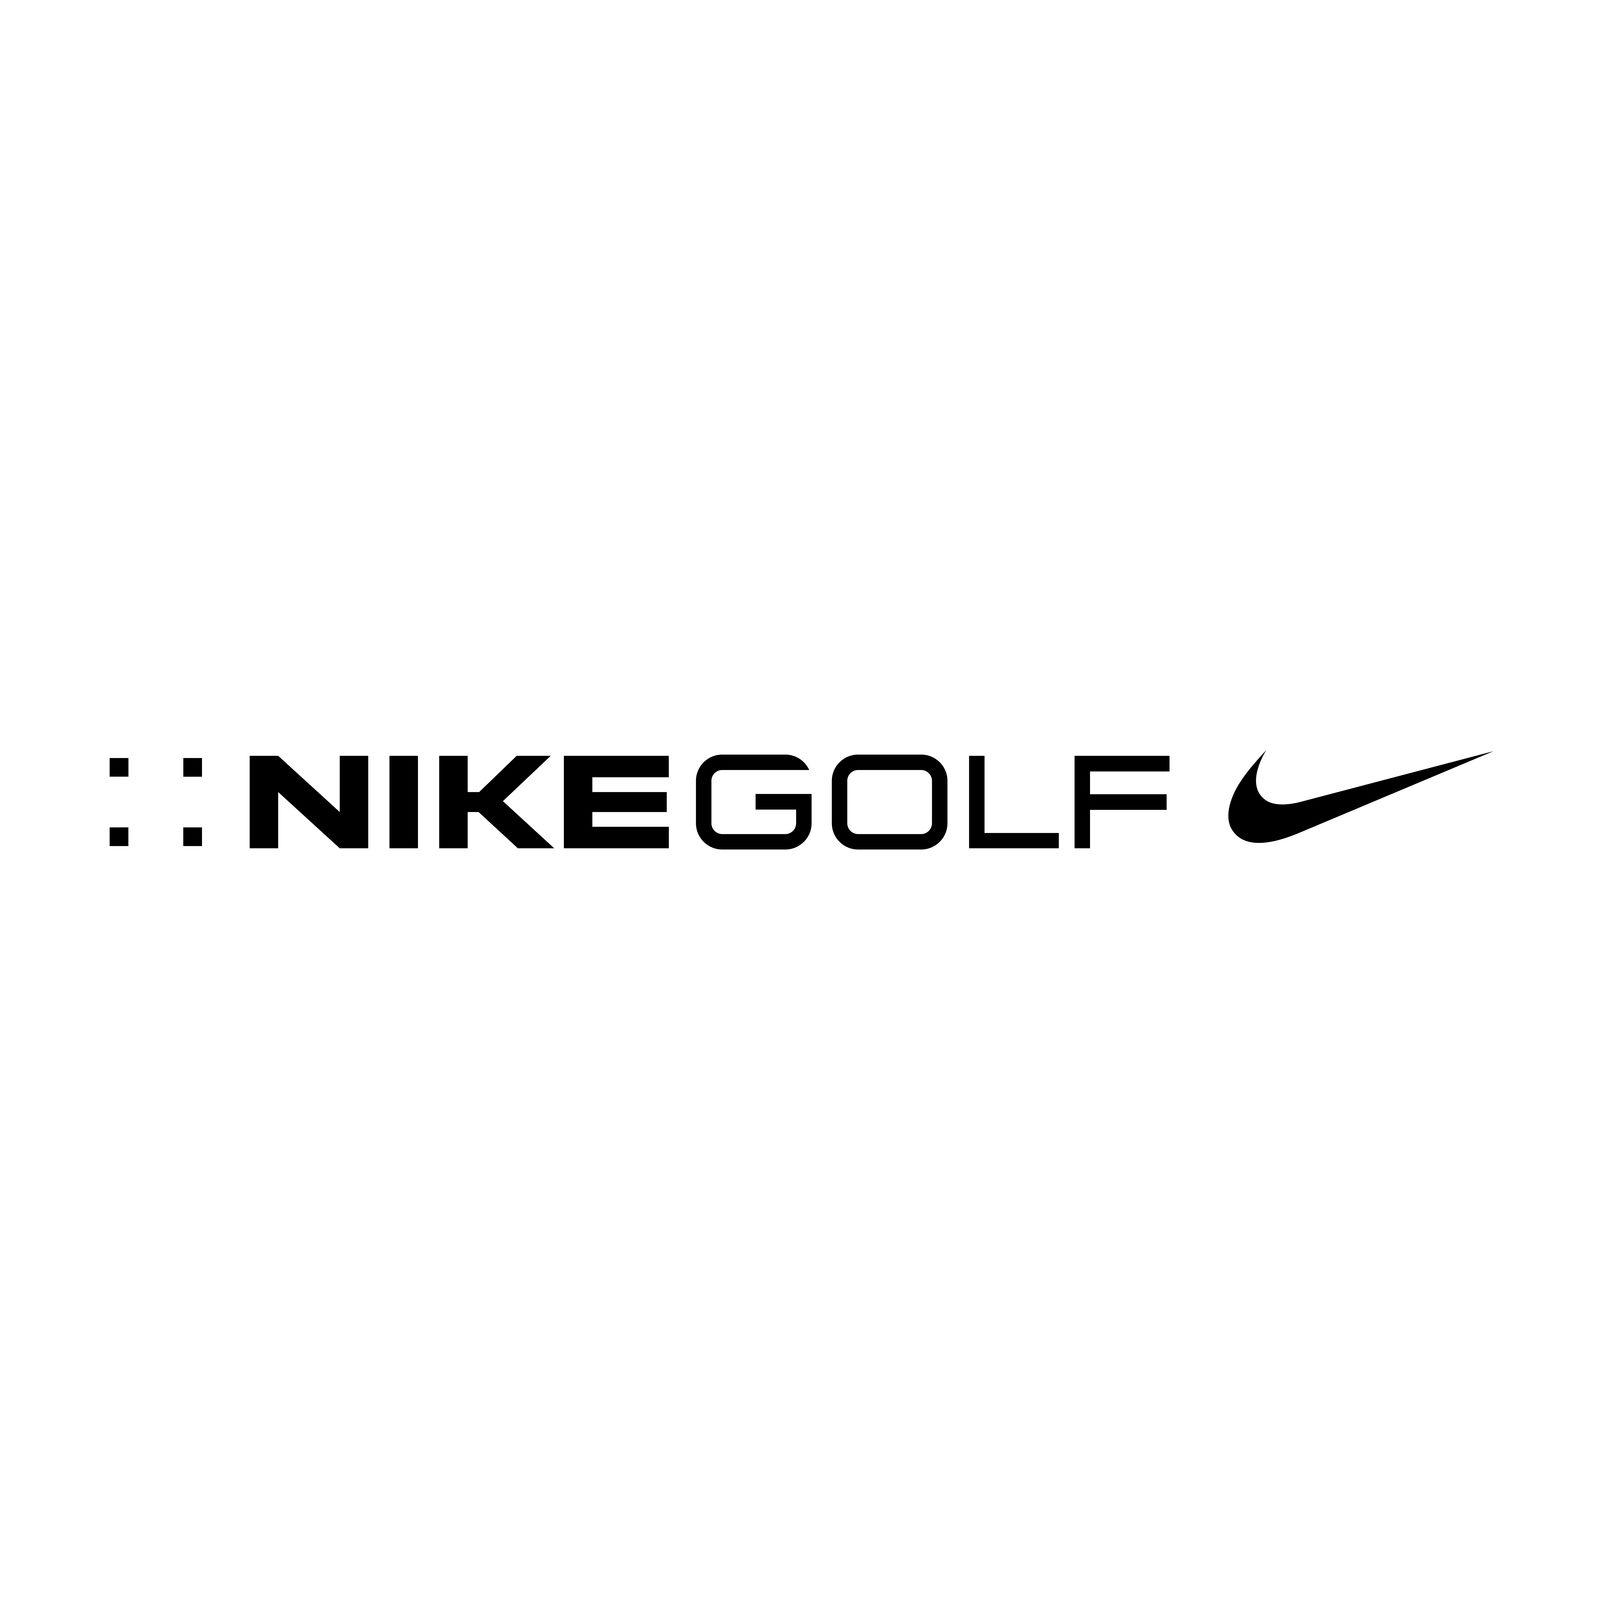 NIKE GOLF (Image 1)